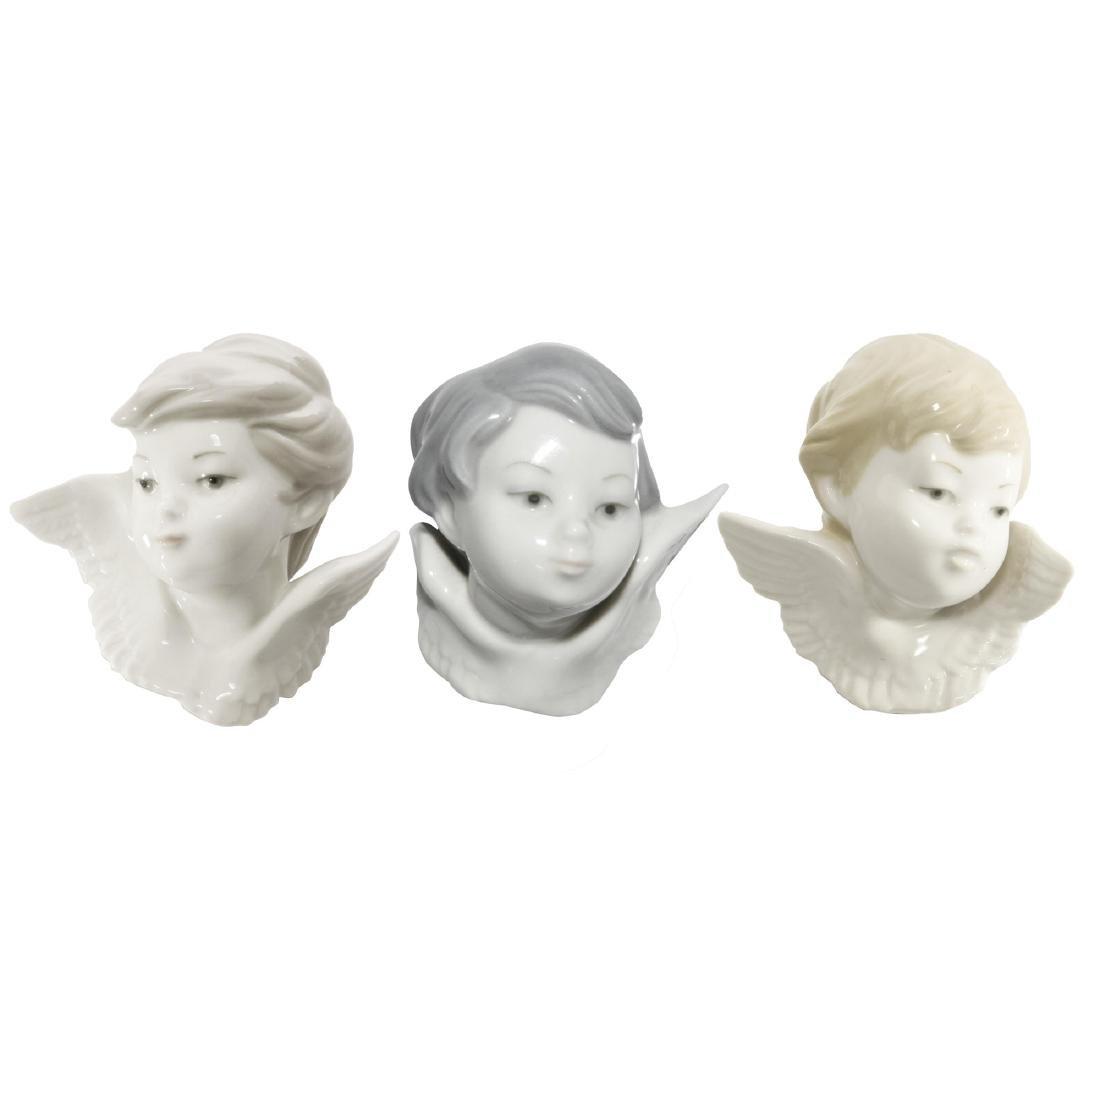 GROUP OF 3 LLADRO FIGURINES OF ANGELS CHERUBS